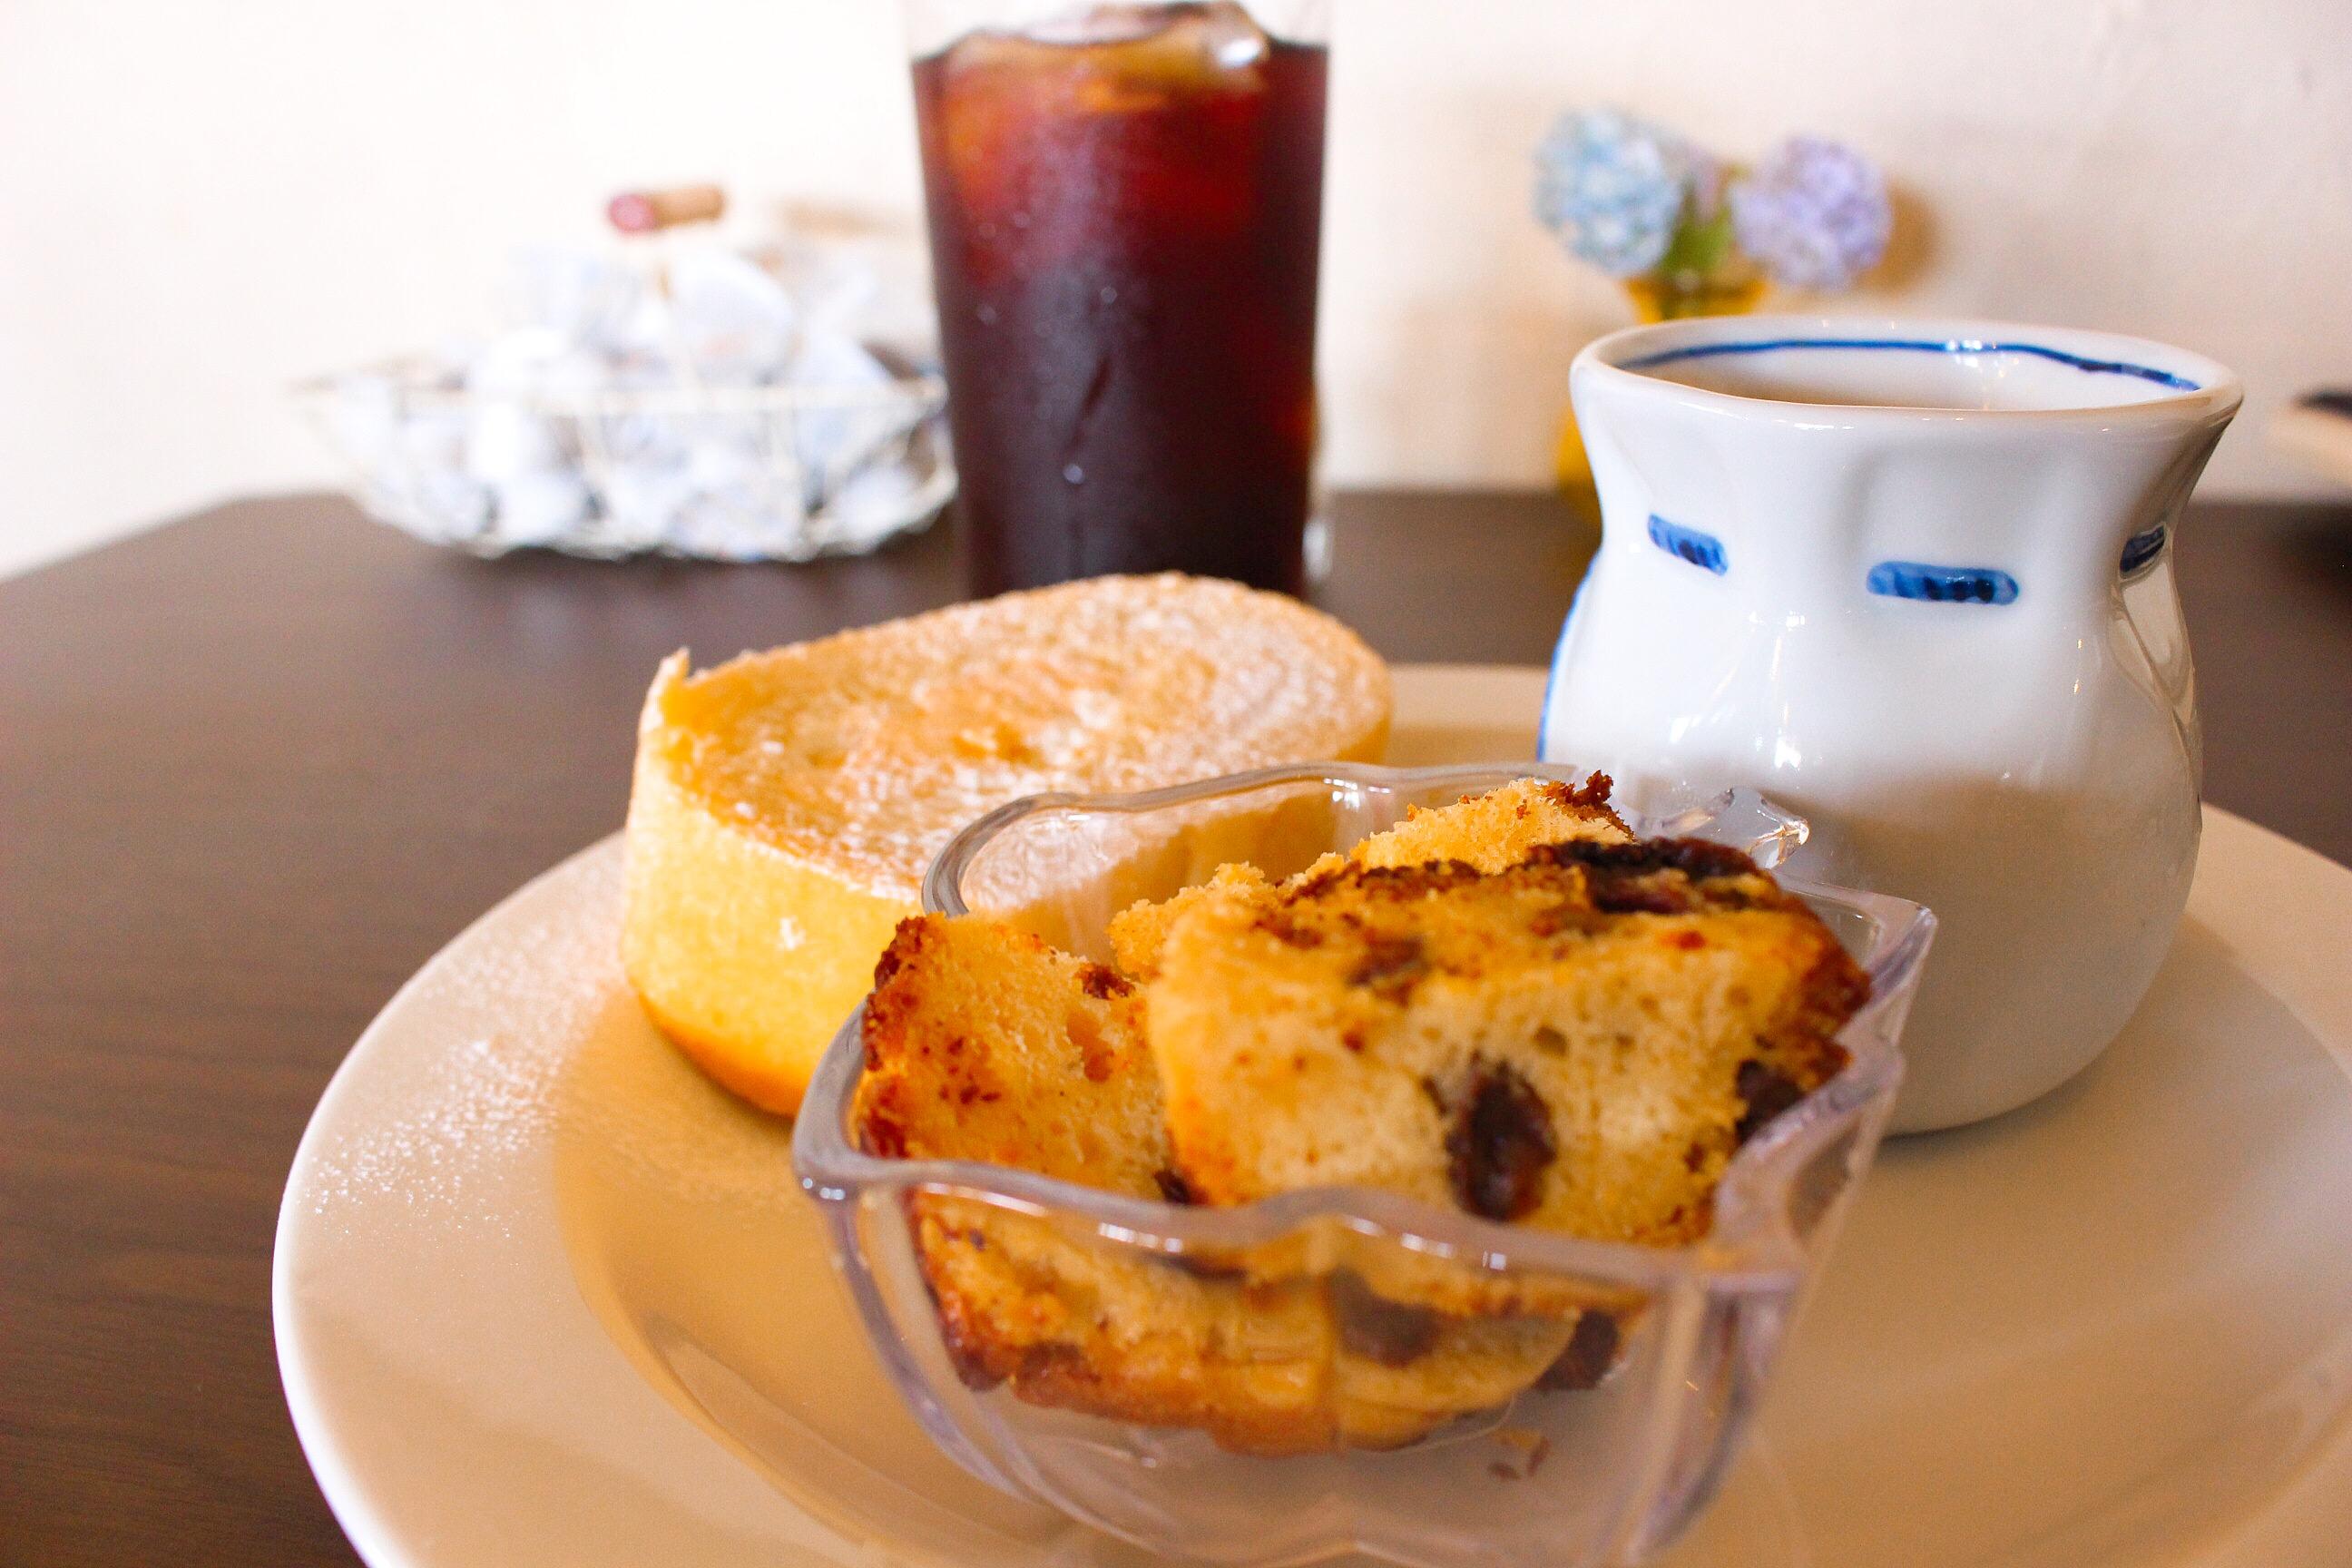 【SOSUI】阿蘇のカフェ!とまとろーる食べてみた@白川水源近く